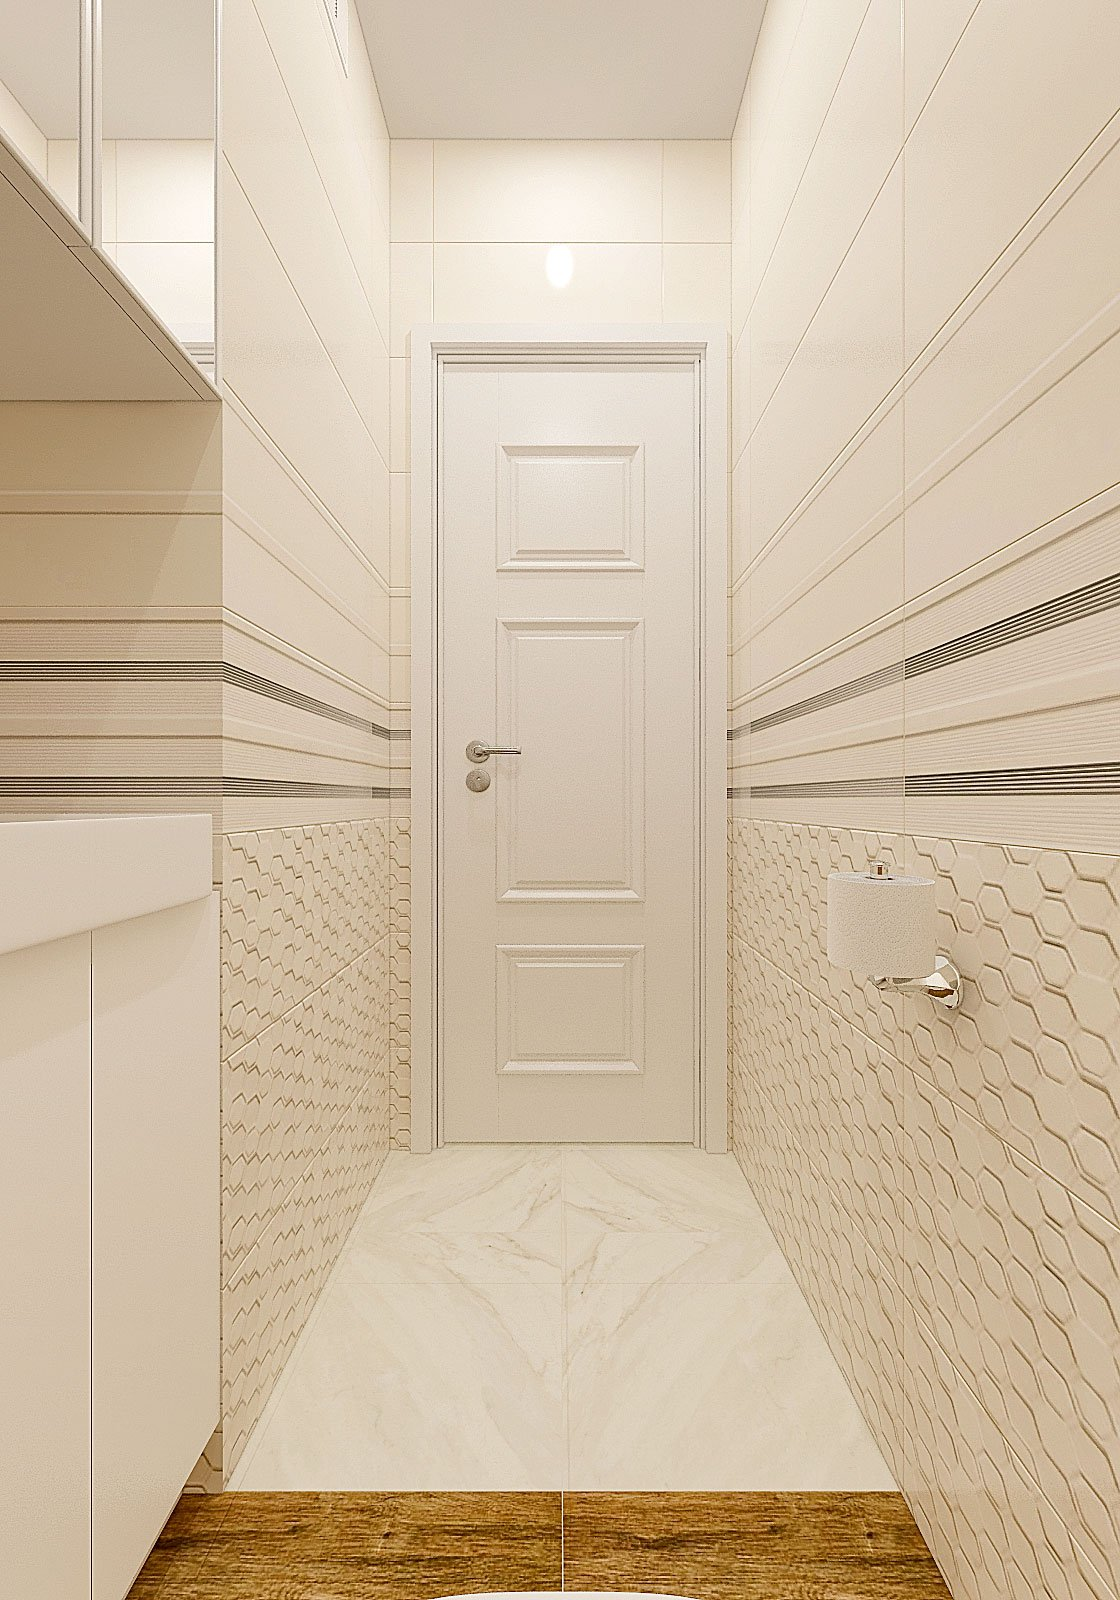 дизайн интерьера туалета в современном стиле, Гомель 2018, фото №2